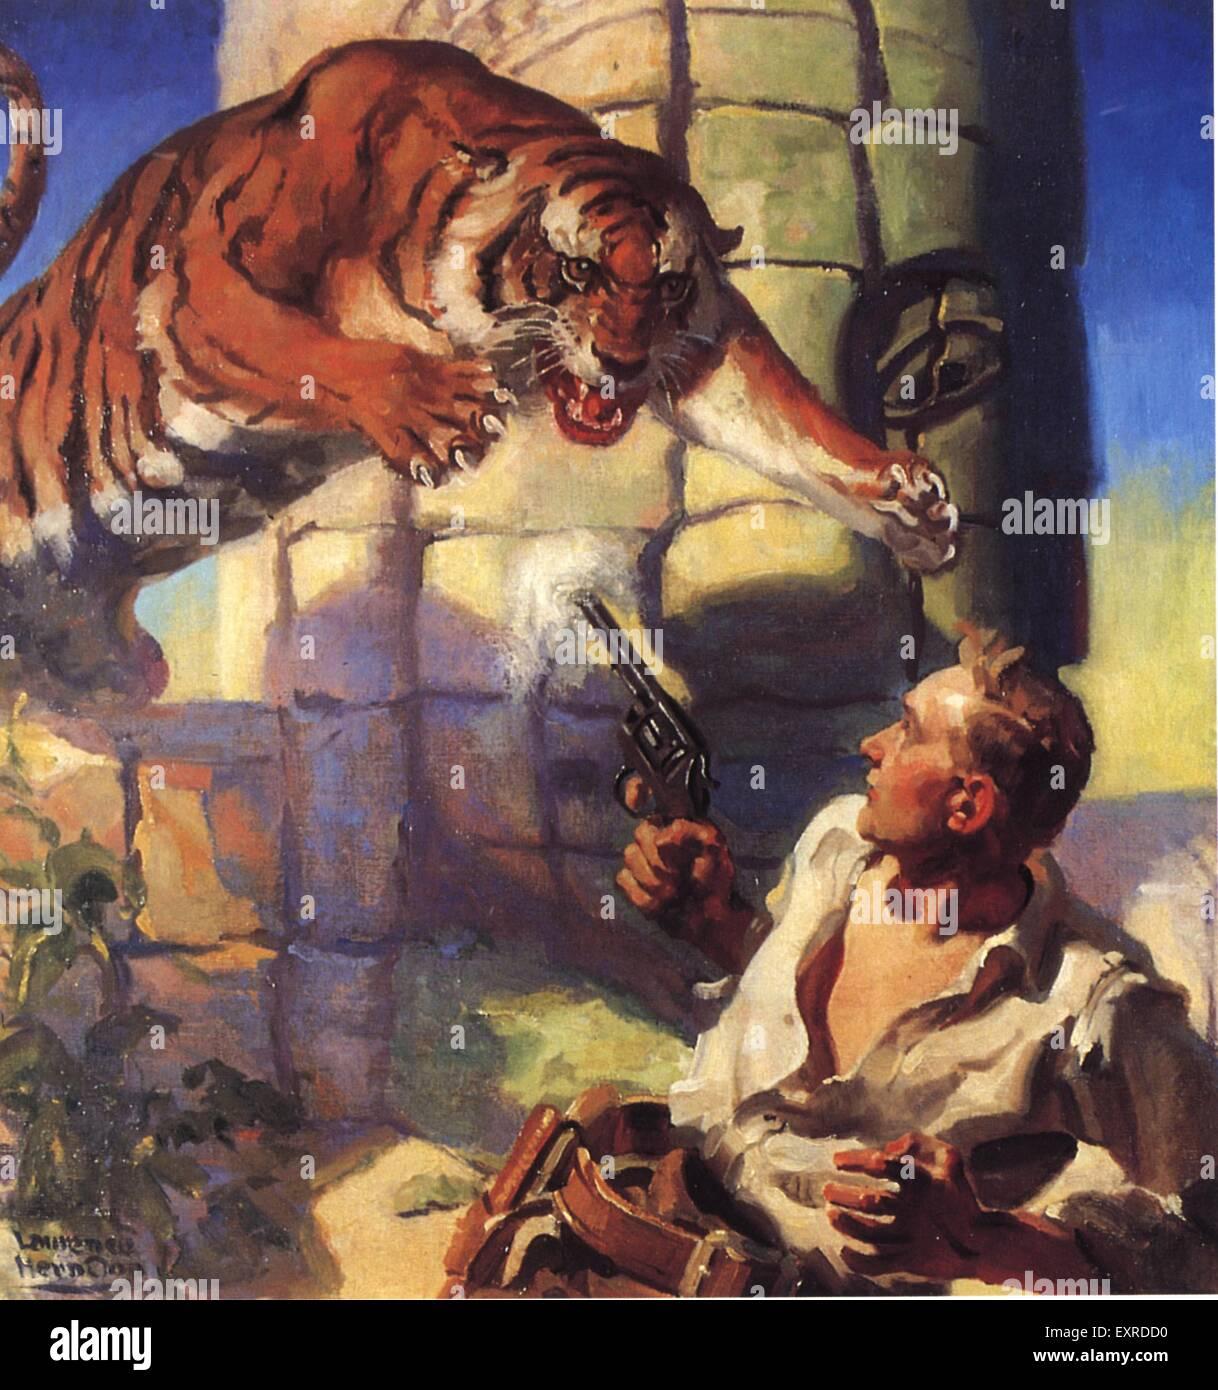 1930er Jahren USA Pulp Fiction Buch Platte Stockbild